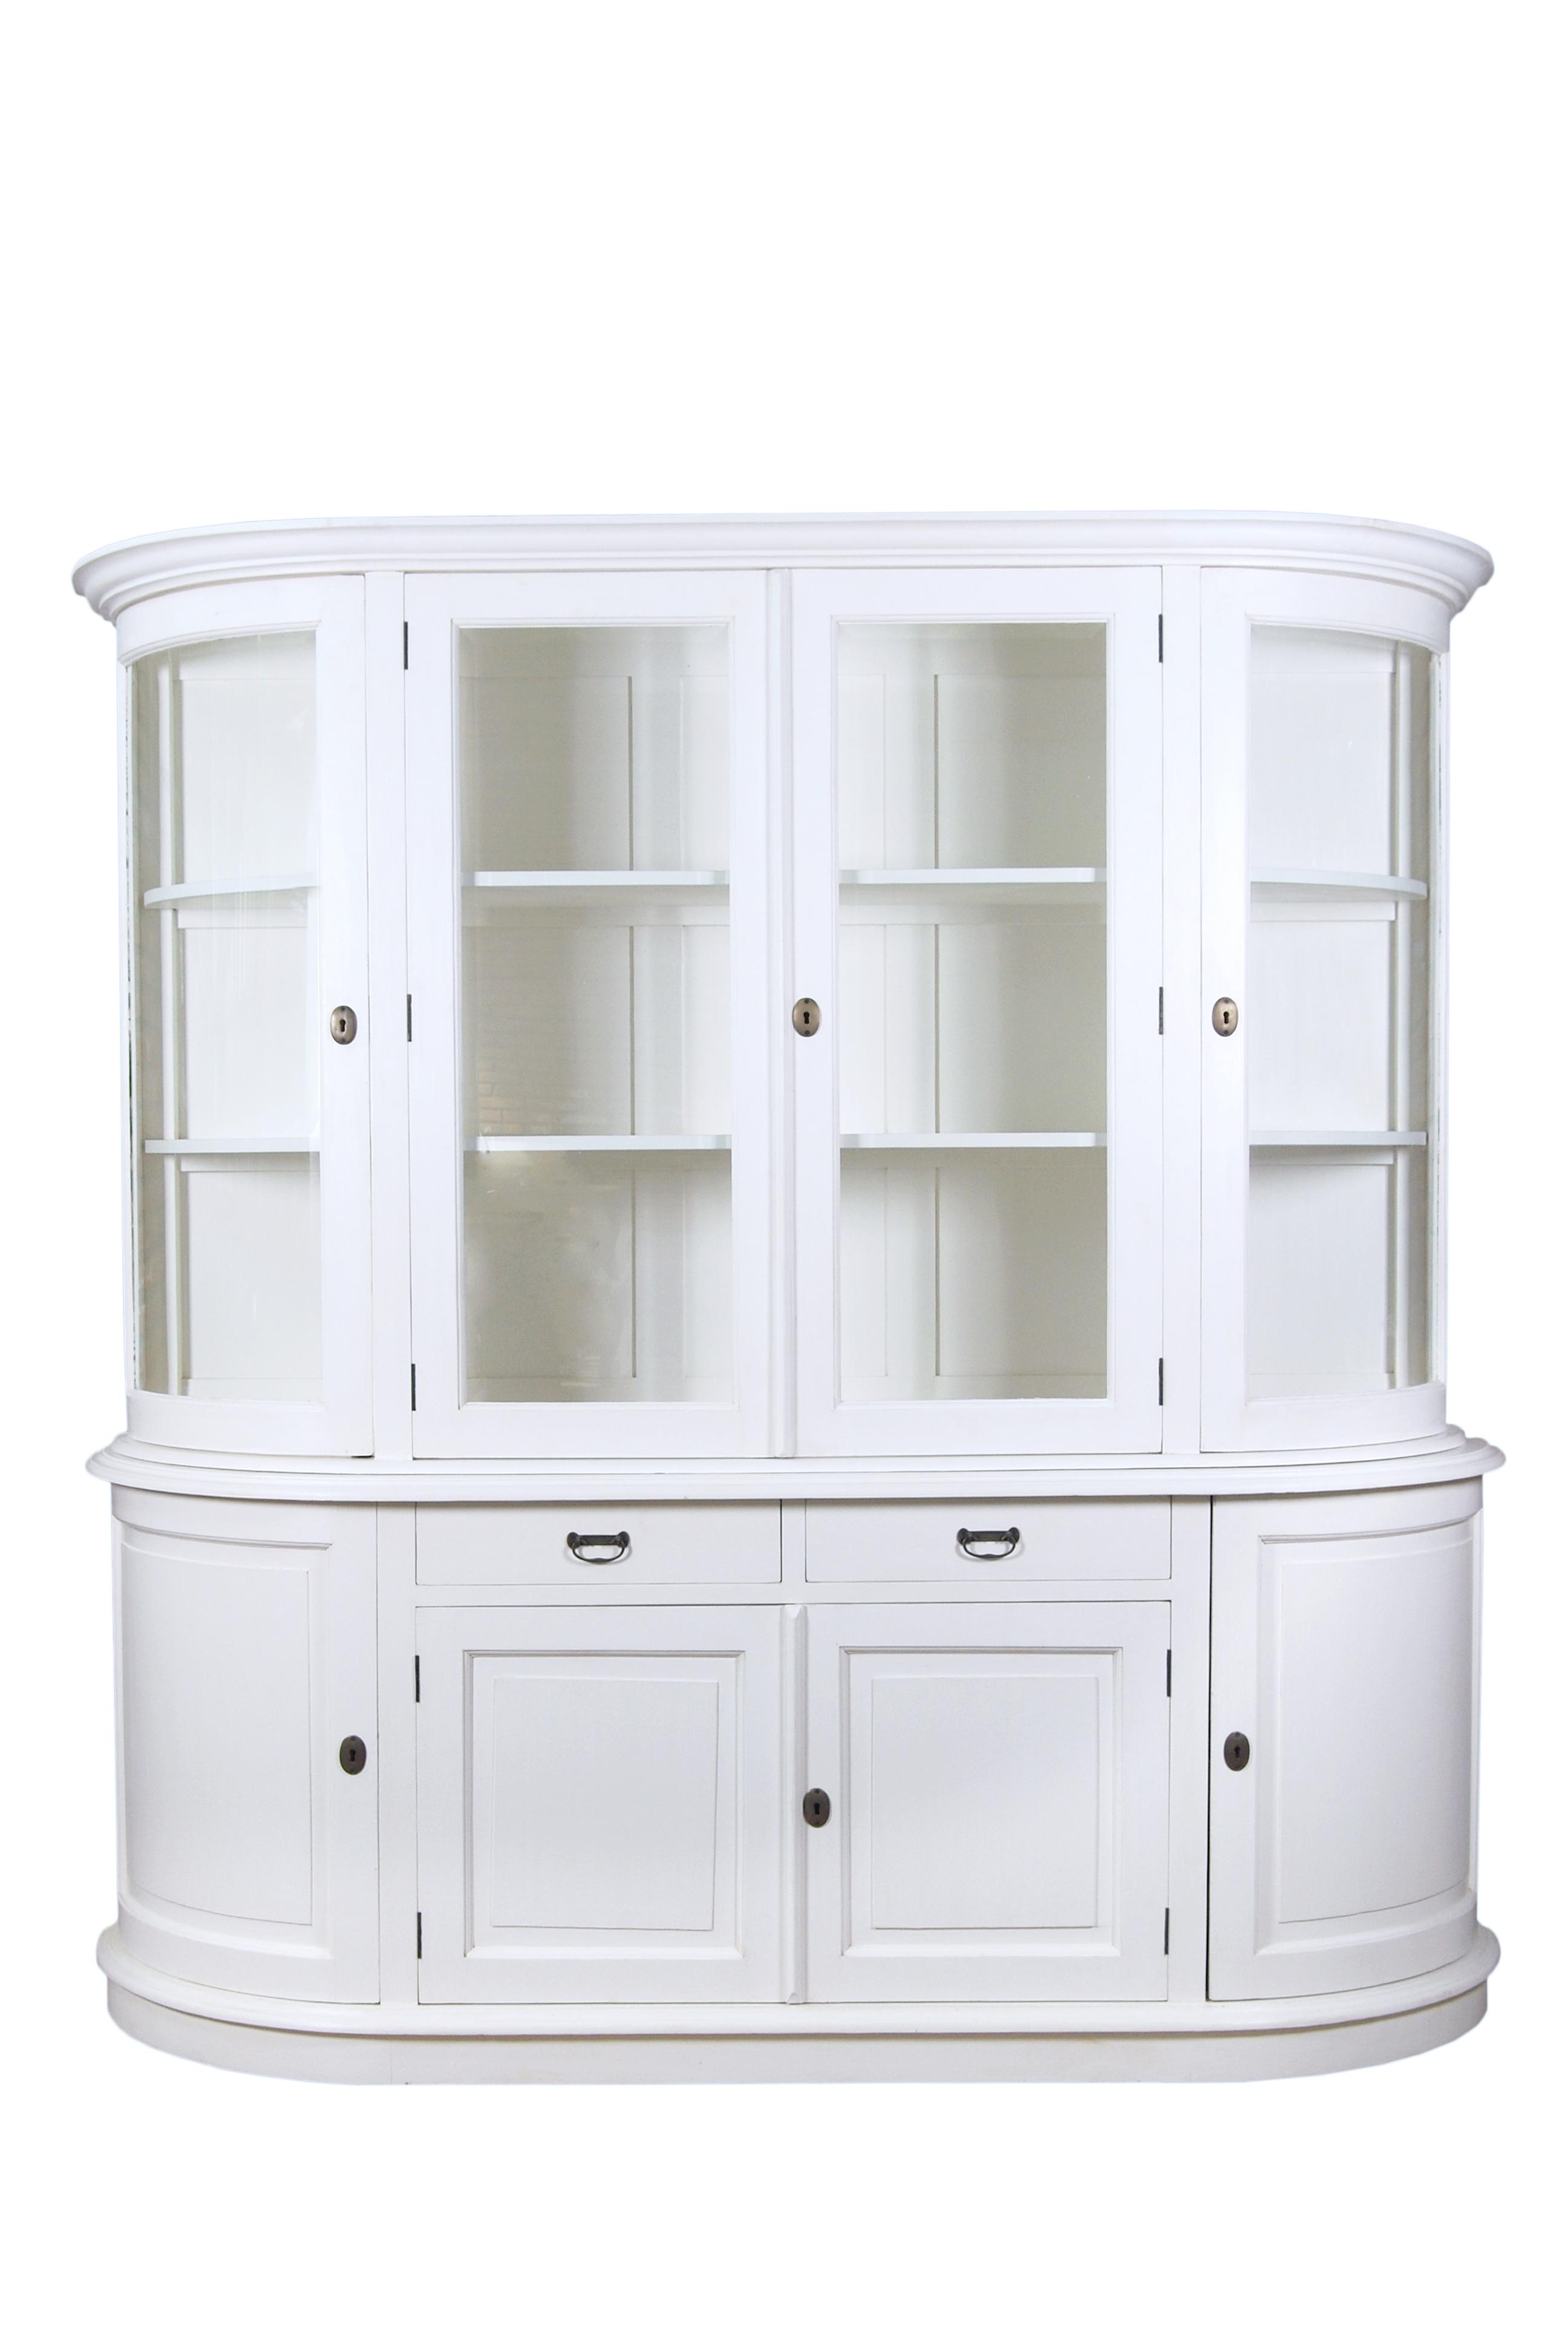 landhausmöbel teakmöbel teakholz landhausstil shabby chic weiß weiße ...